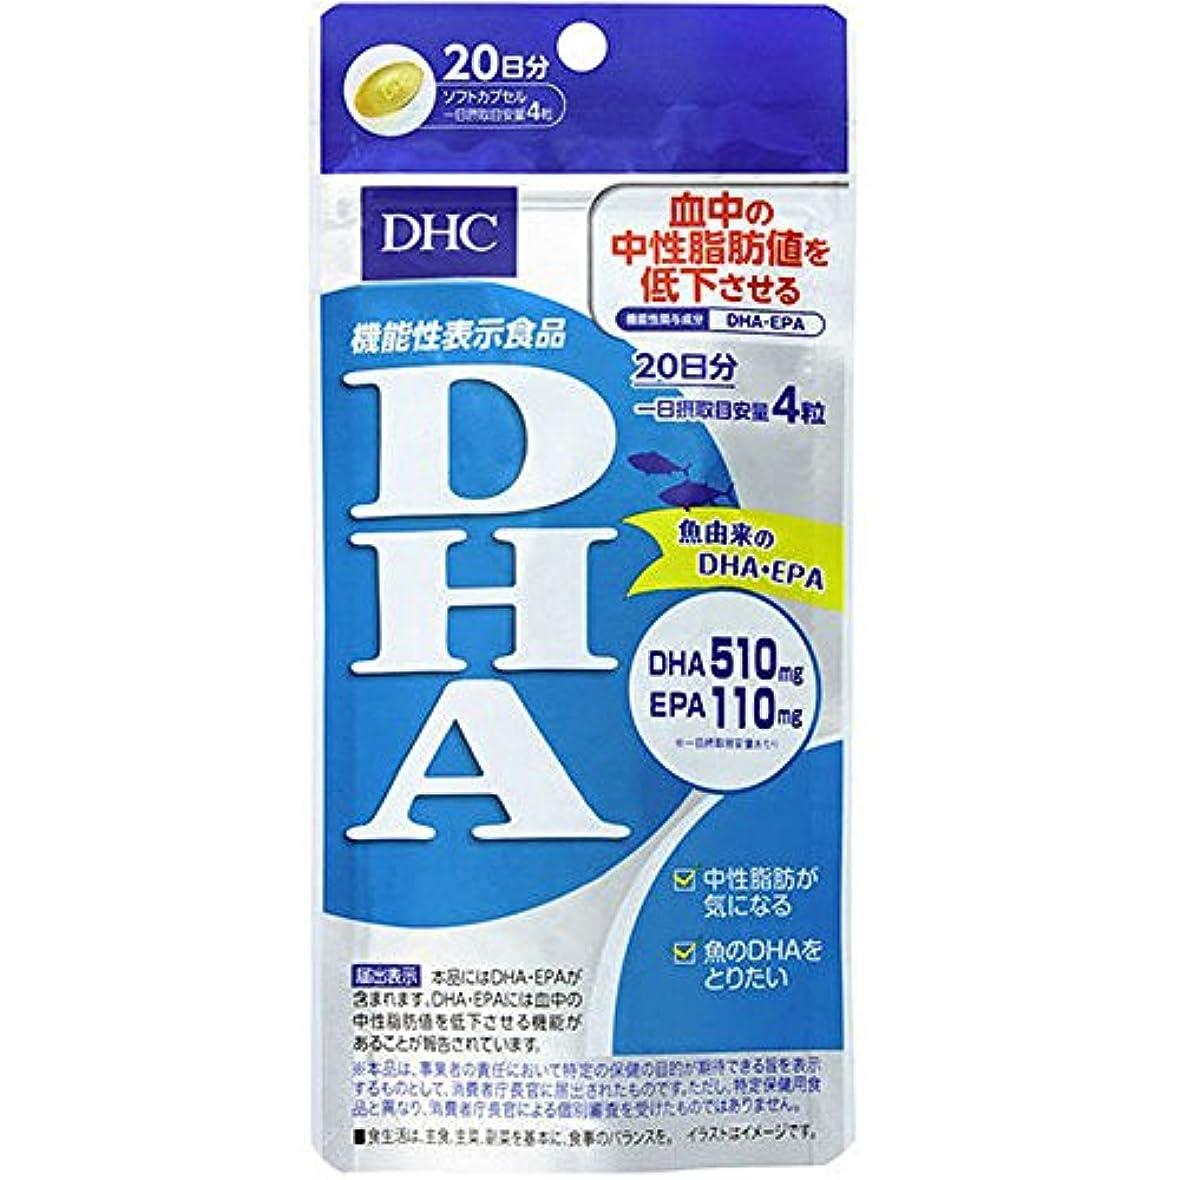 改修マウント間接的DHC DHA 20日分 80粒 【機能性表示食品】